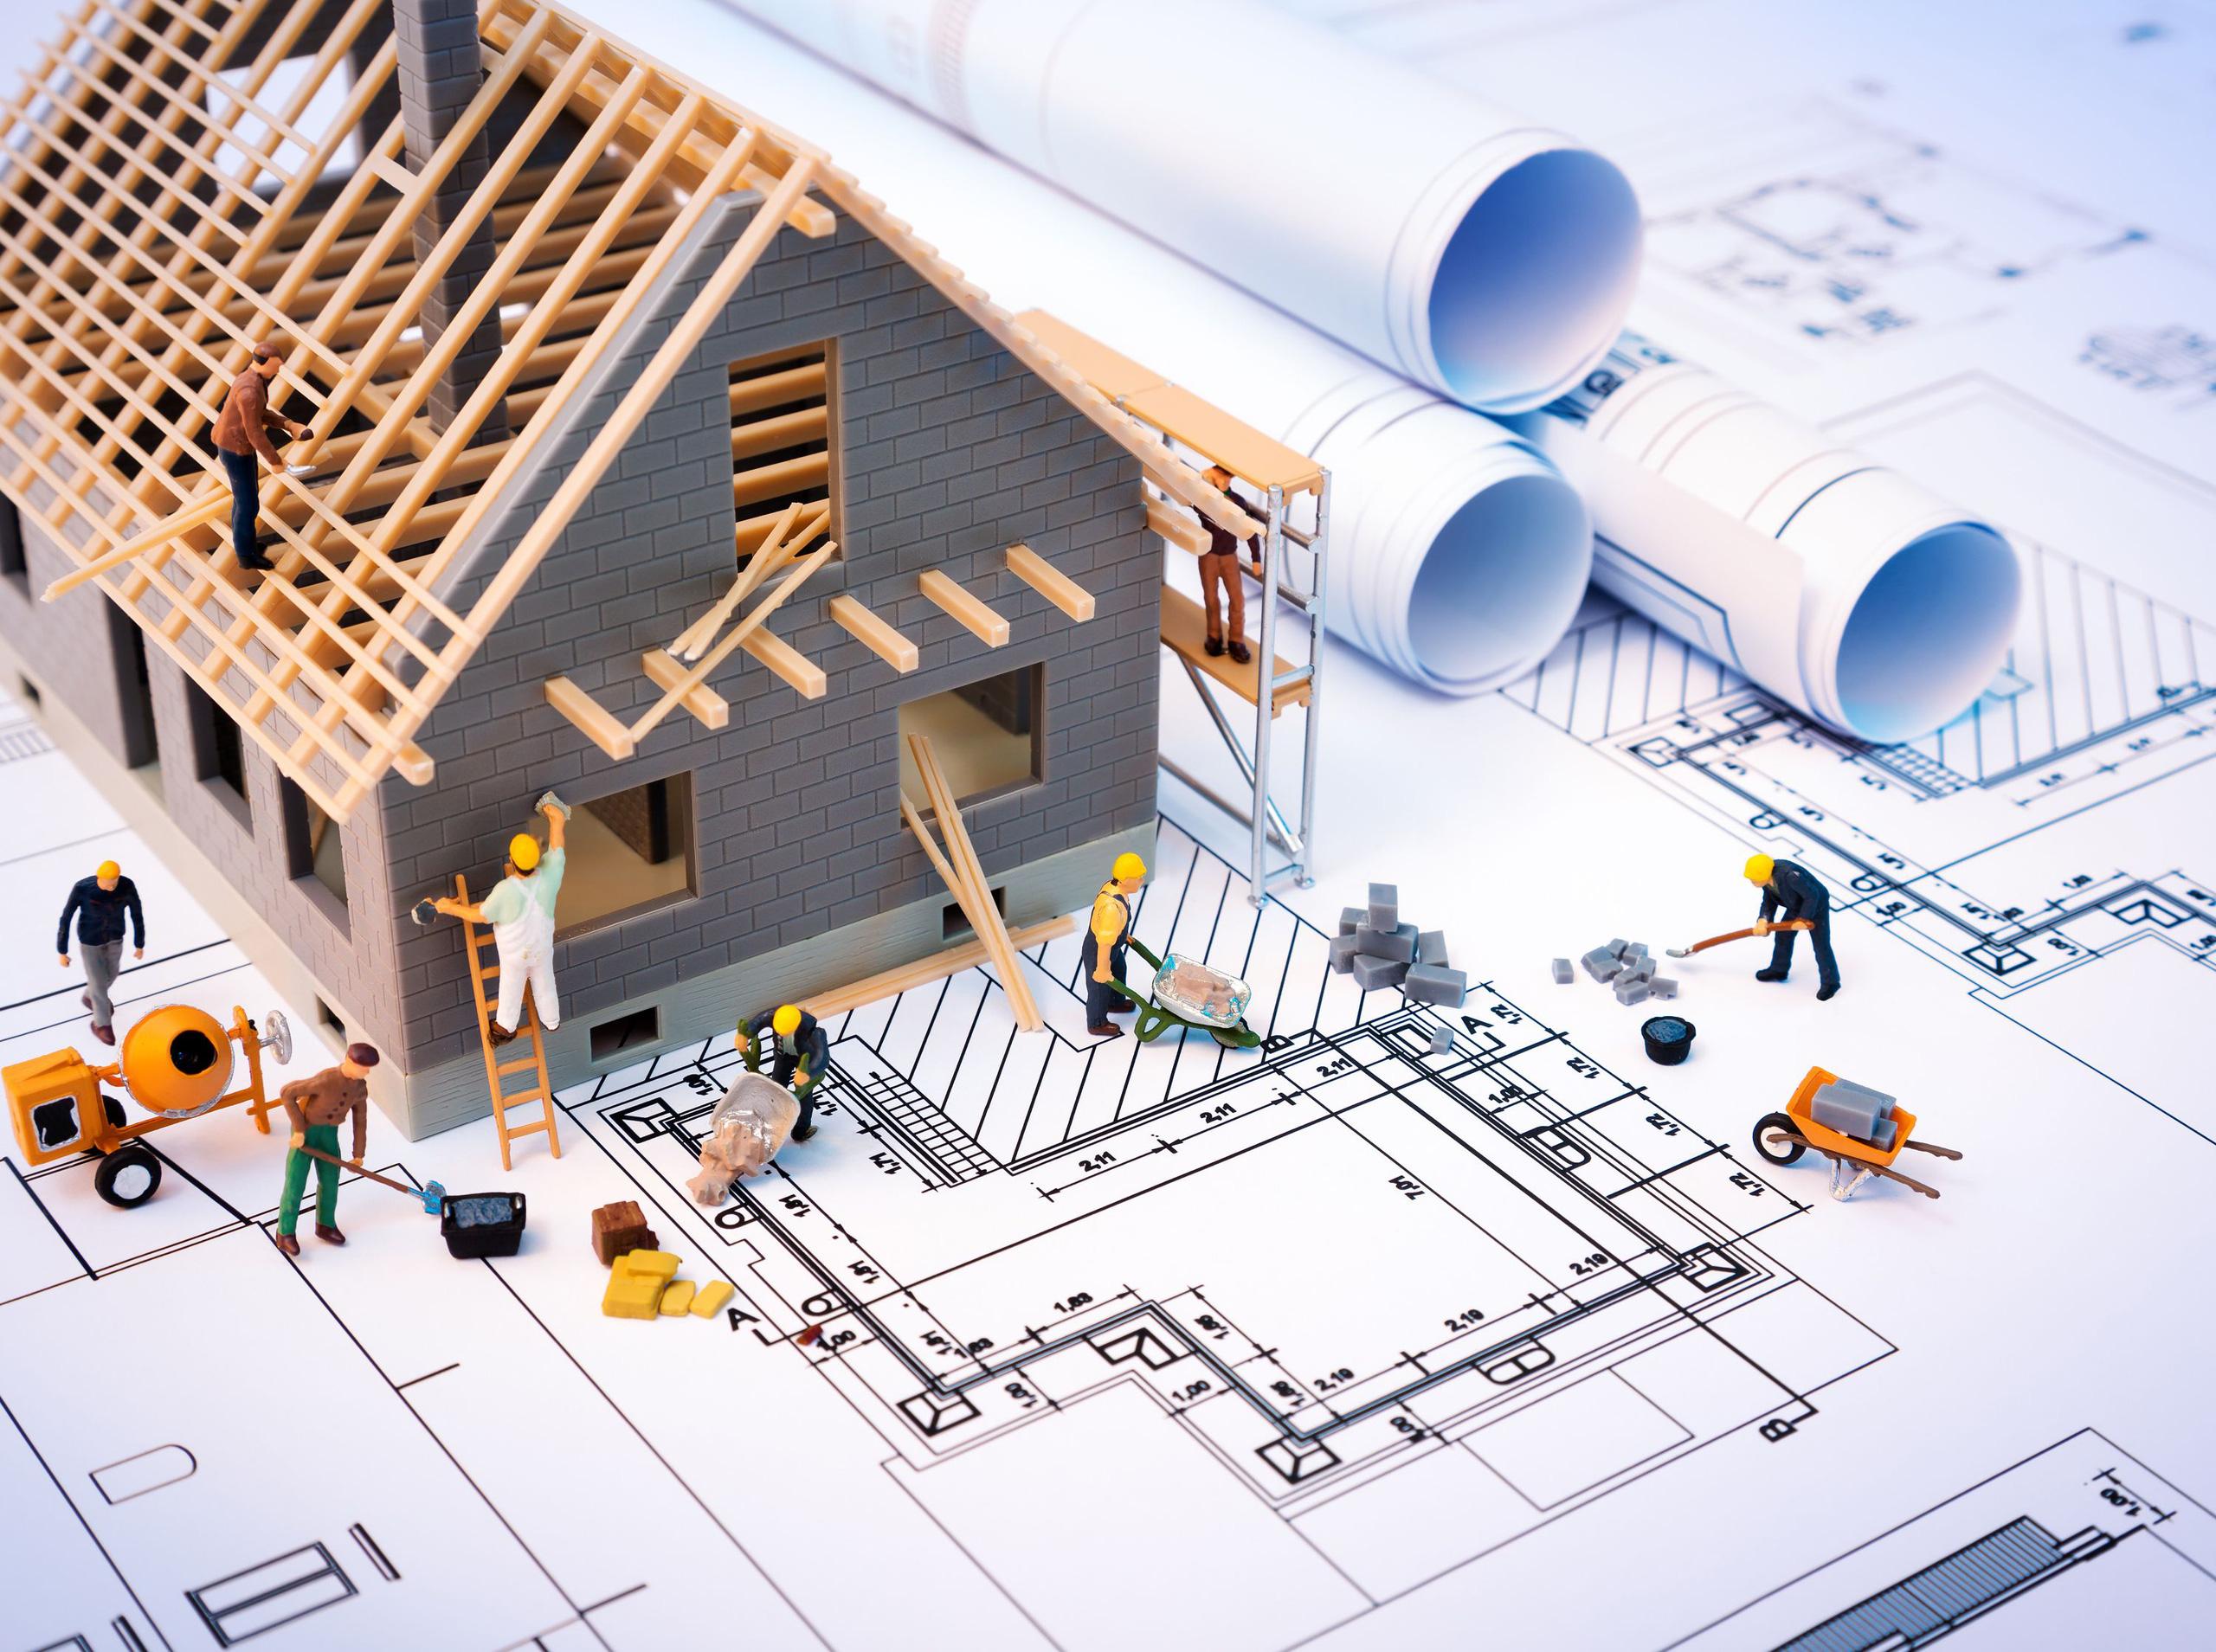 Gợi ý cách tính xây nhà trọn gói đơn giản nhất hiện nay - Ảnh 2.